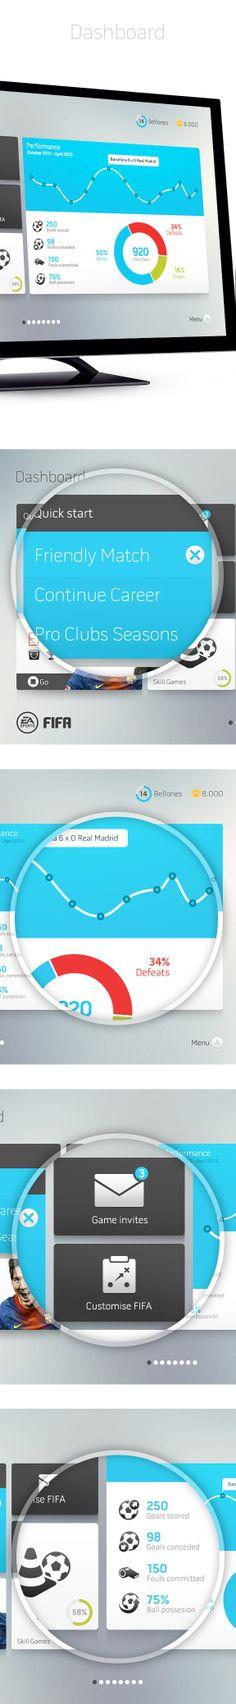 Redesign : les meilleurs concepts de 2013 | WebdesignerTrends - Ressources utiles pour le webdesign, actus du web, sélection de sites et de tutoriels